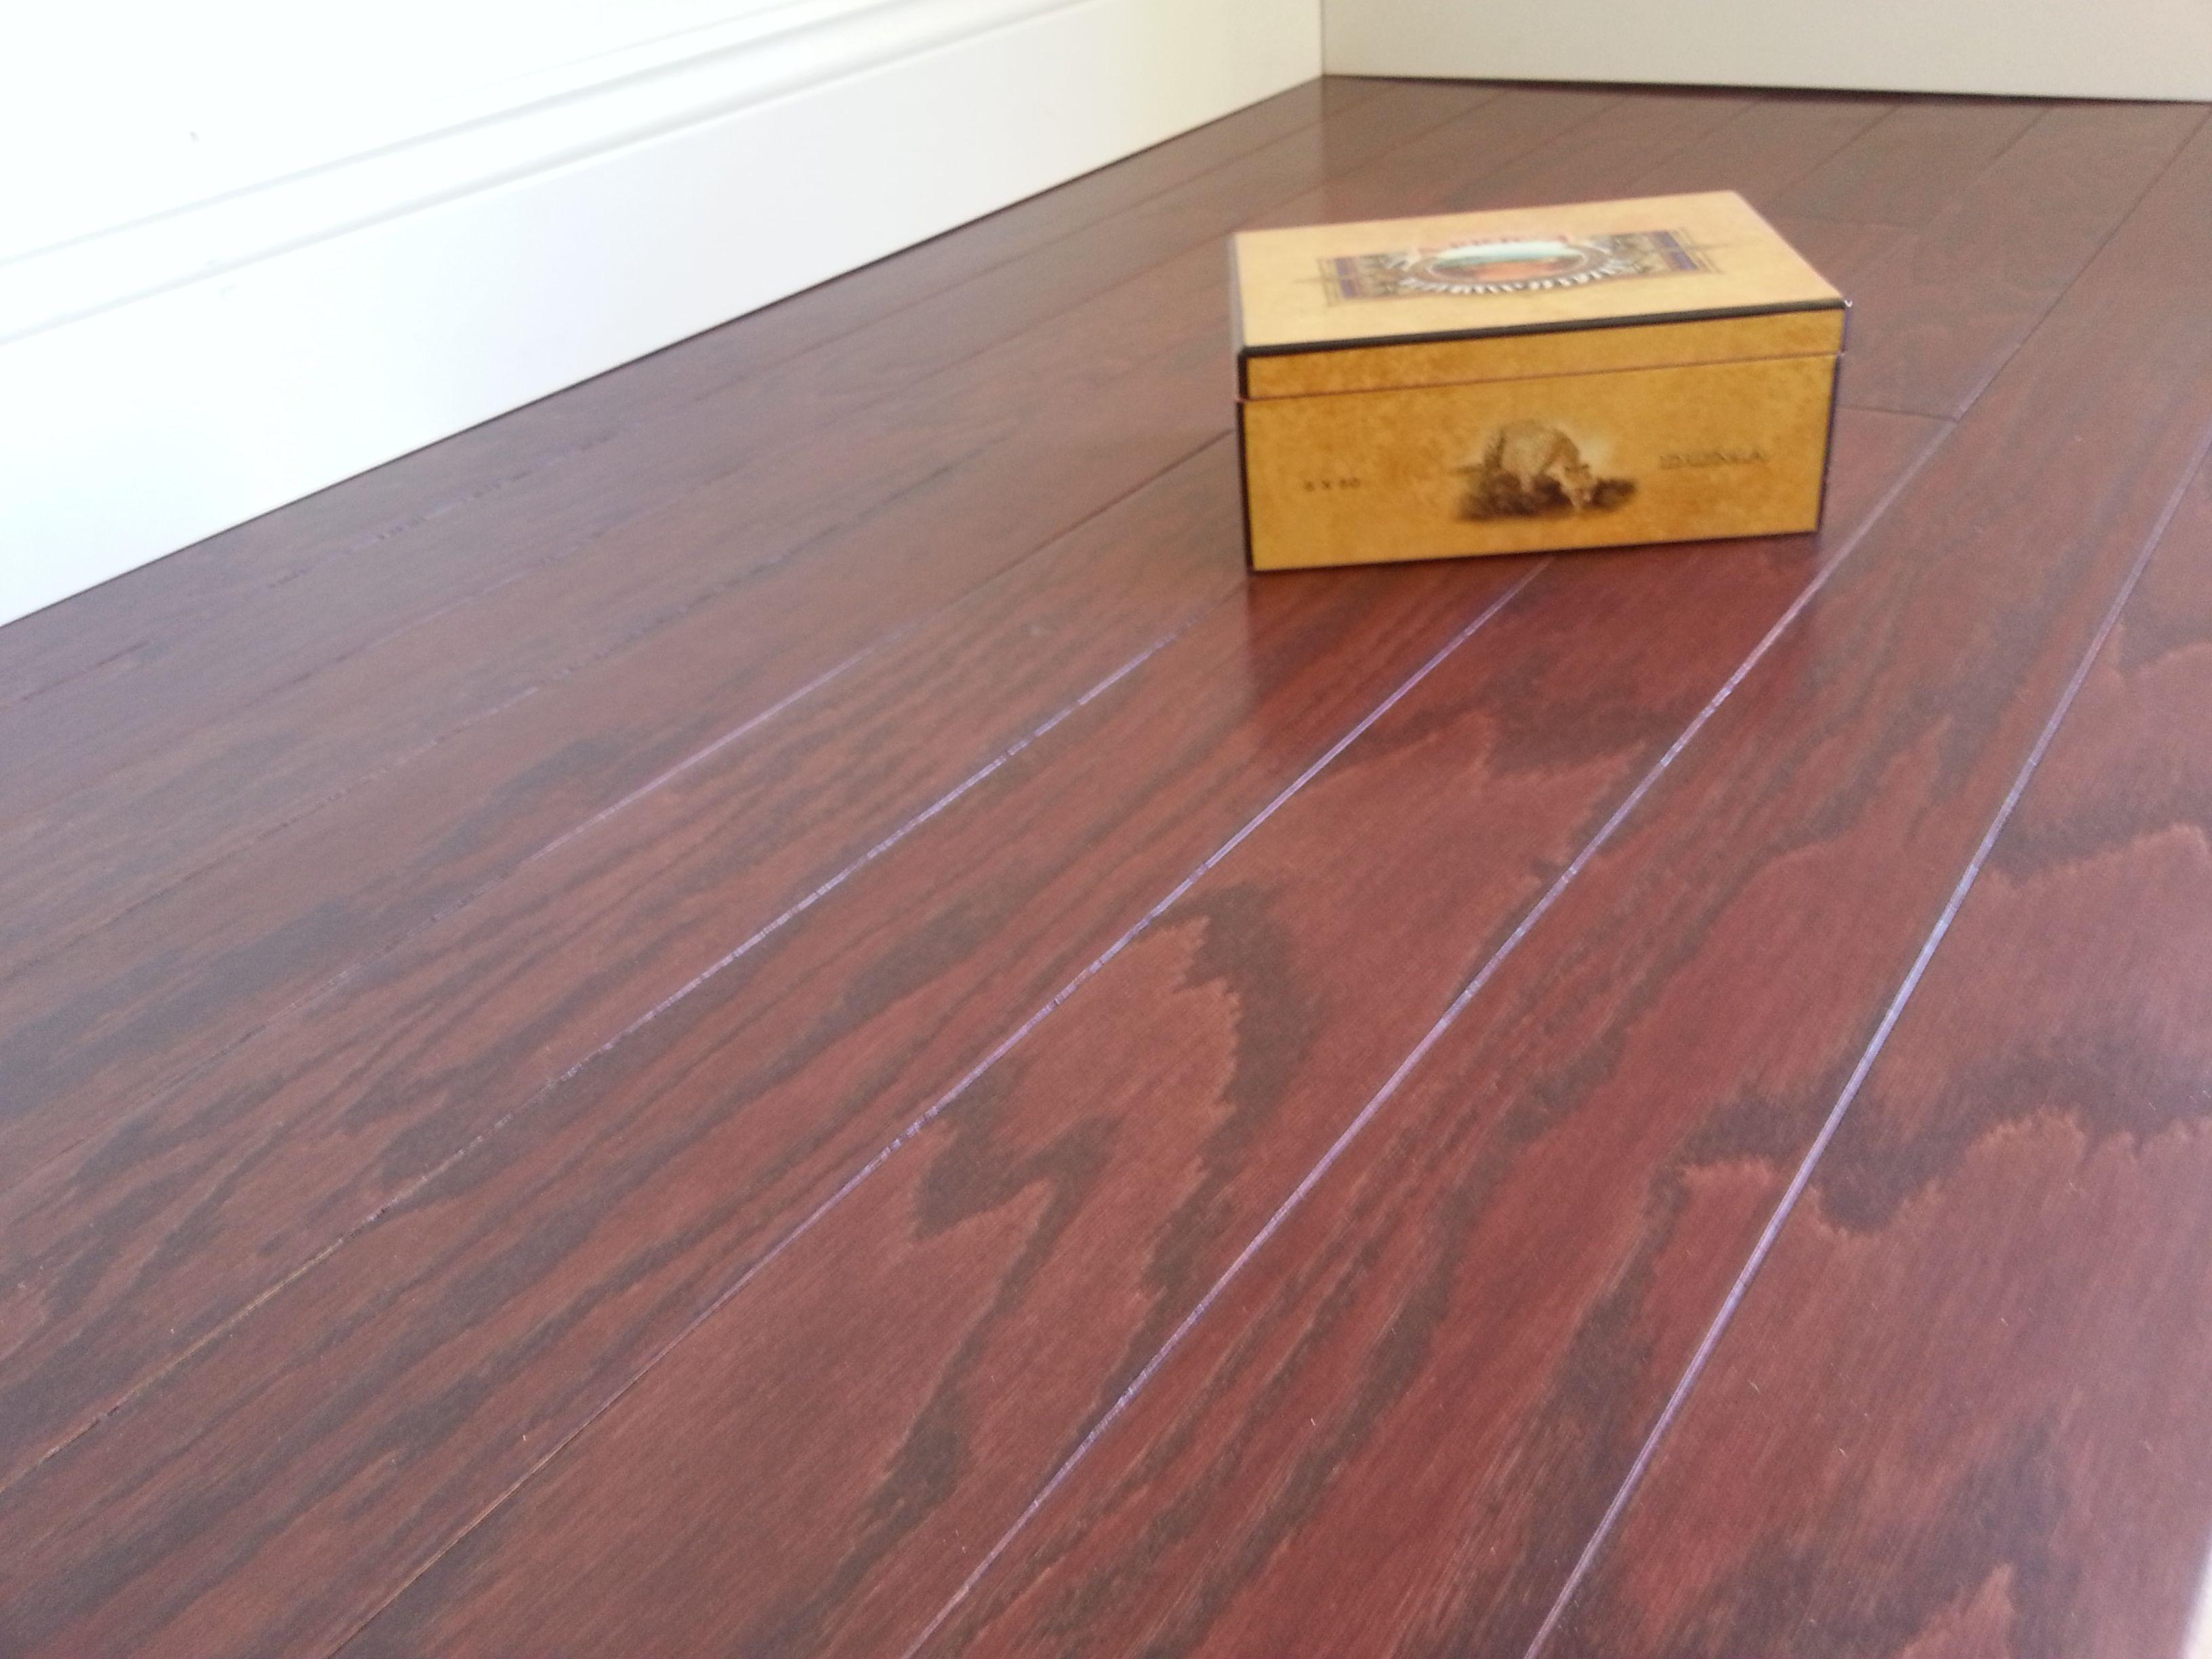 Hr Hardwood Floors Of 3 1 4 Symphonic Engineered Oak Merlot Hardwood Flooring as Low as Pertaining to 3 1 4 Symphonic Engineered Oak Merlot Hardwood Flooring as Low as 3 23 Sf